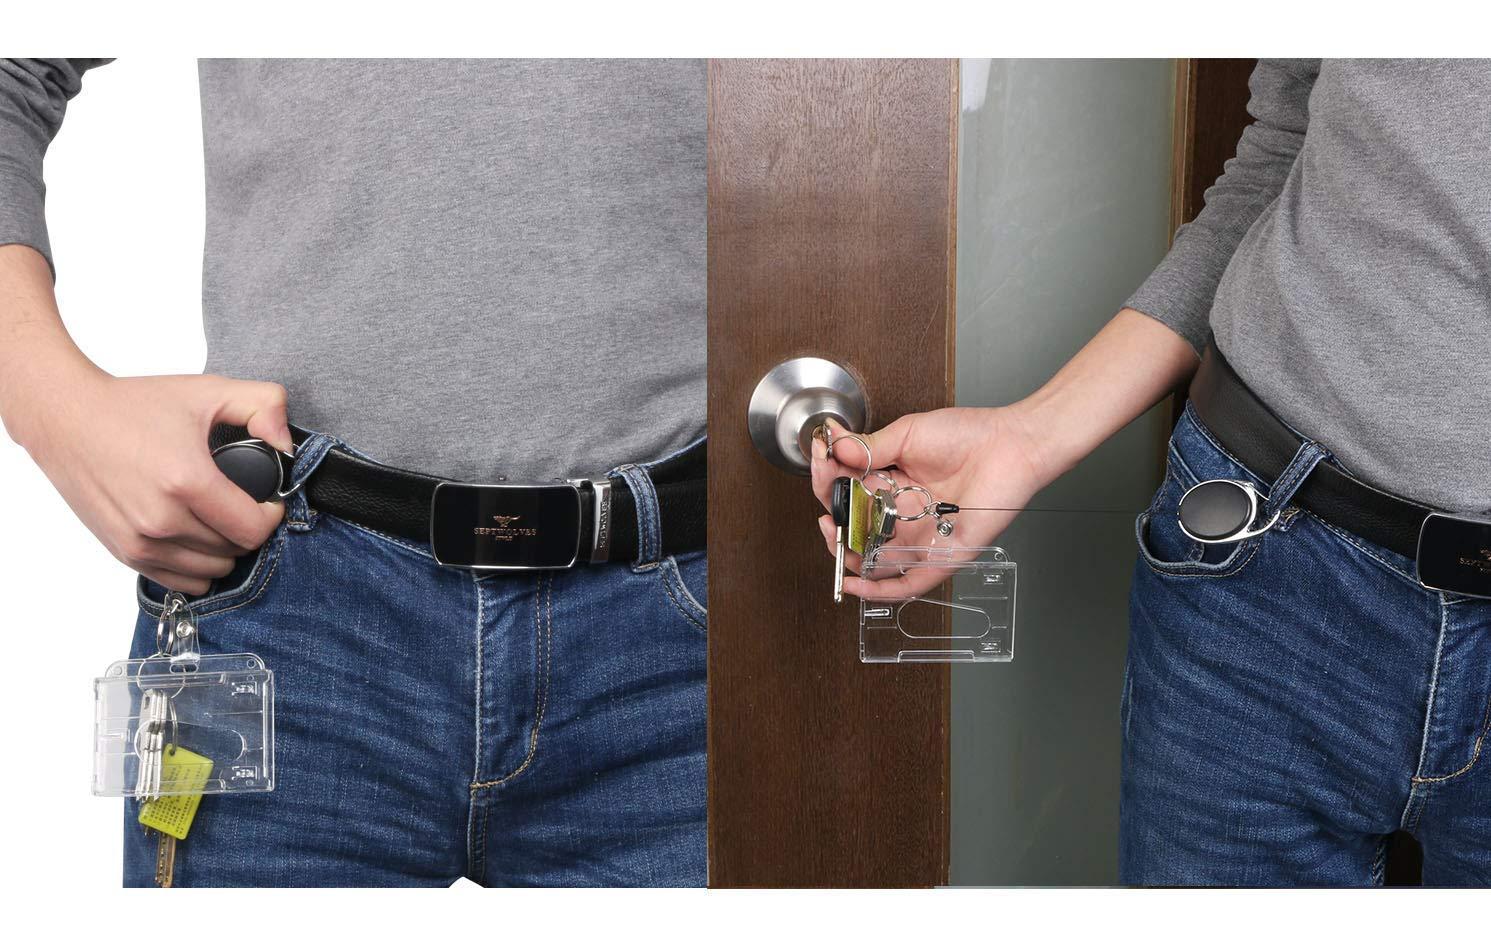 Schl/üsselanh/änger Set Vicloon Schl/üsselring Retractable Badge Reel mit Belt Clip mit ID Card Holder Abzeichen Buddy Kit f/ür Schl/üsselanh/änger und ID Card 1 PCS